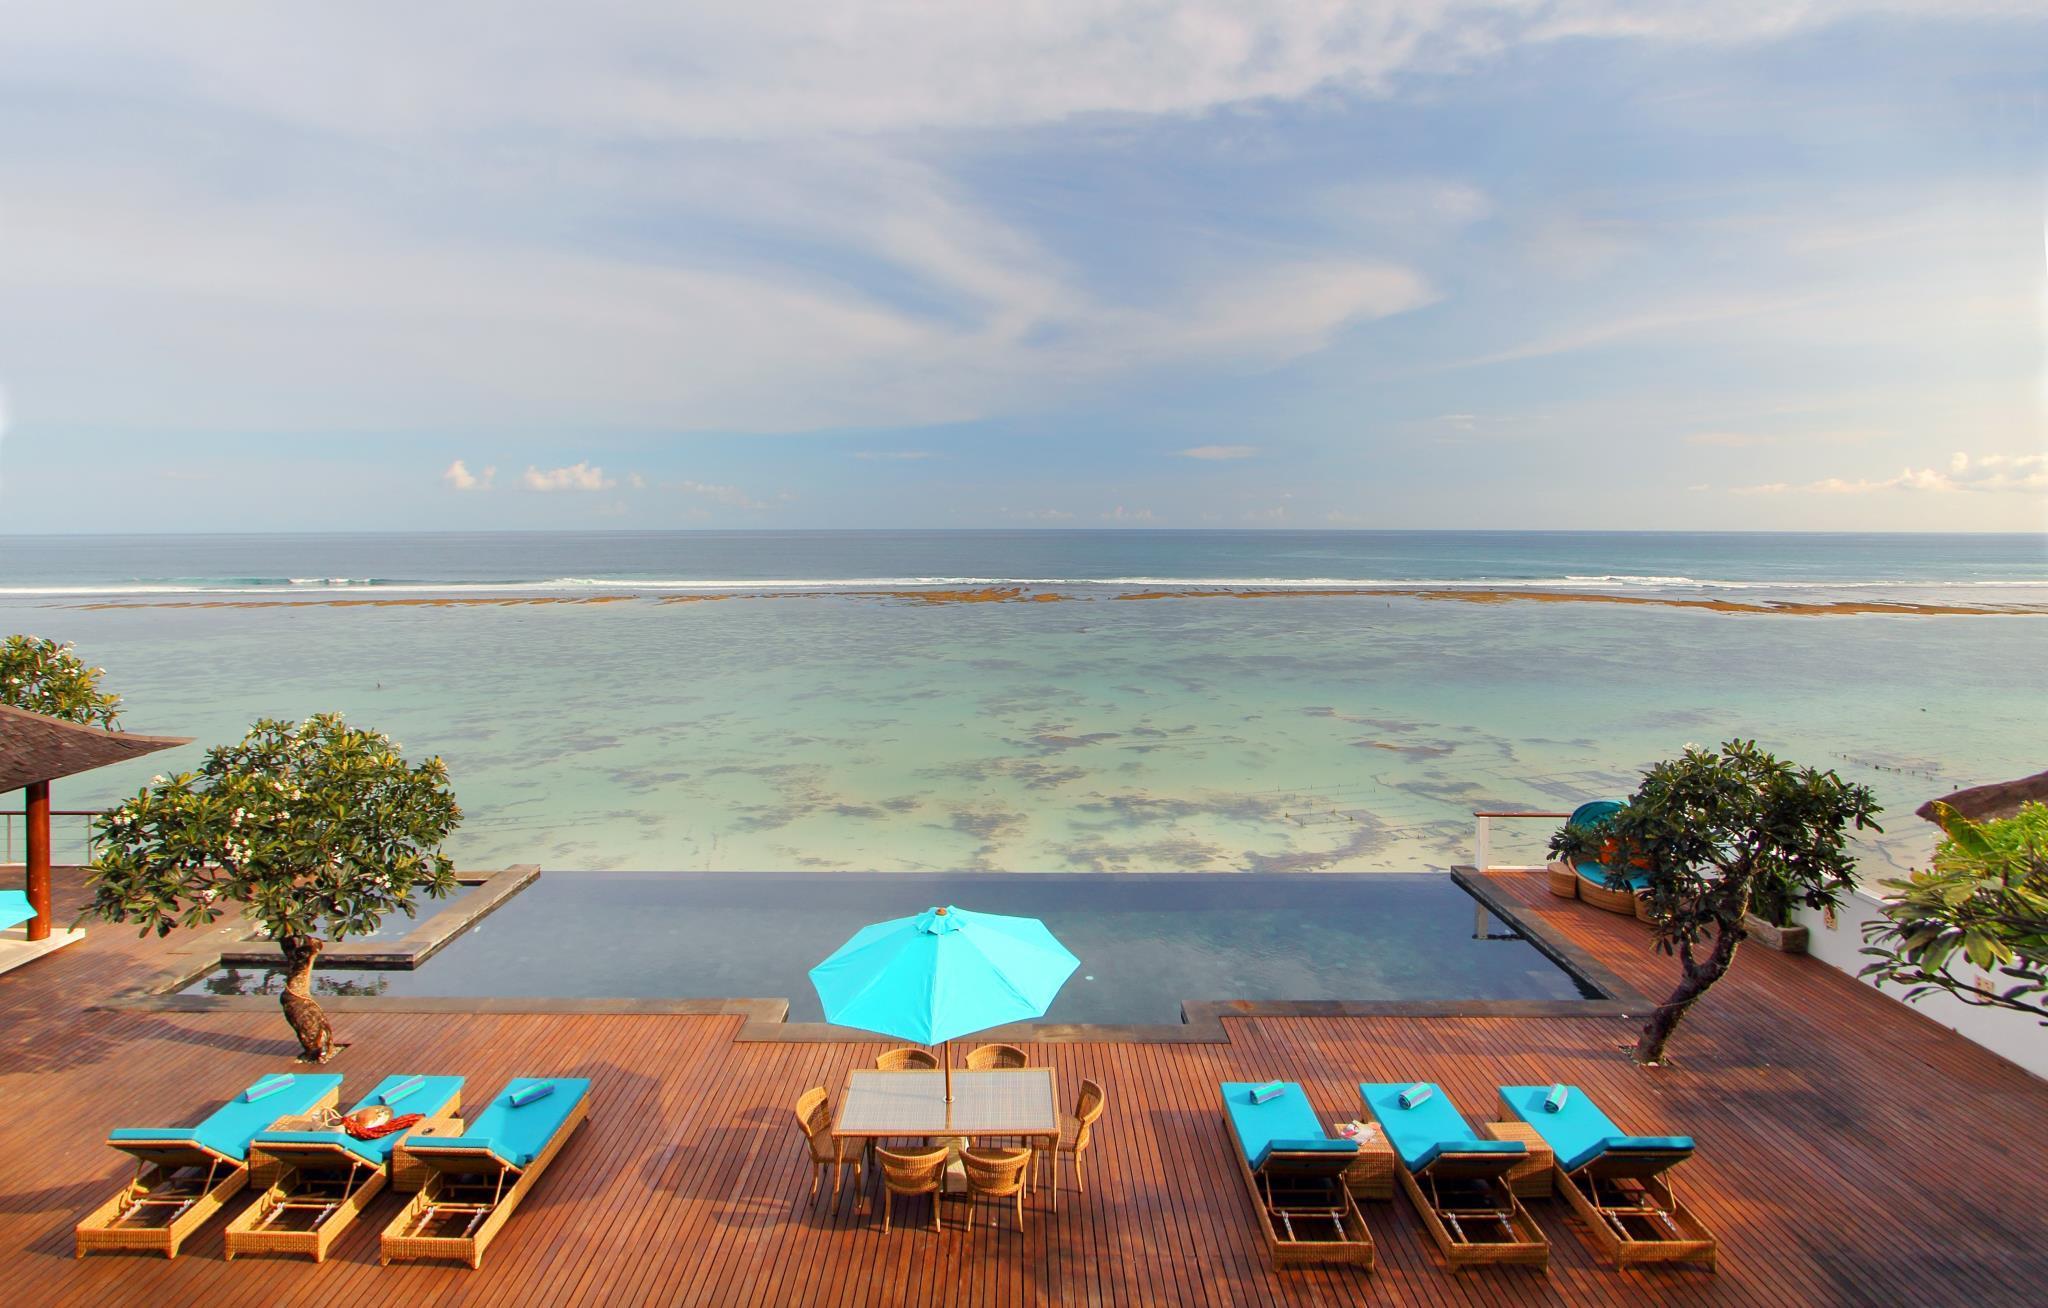 Фото места на пляже для отдыха